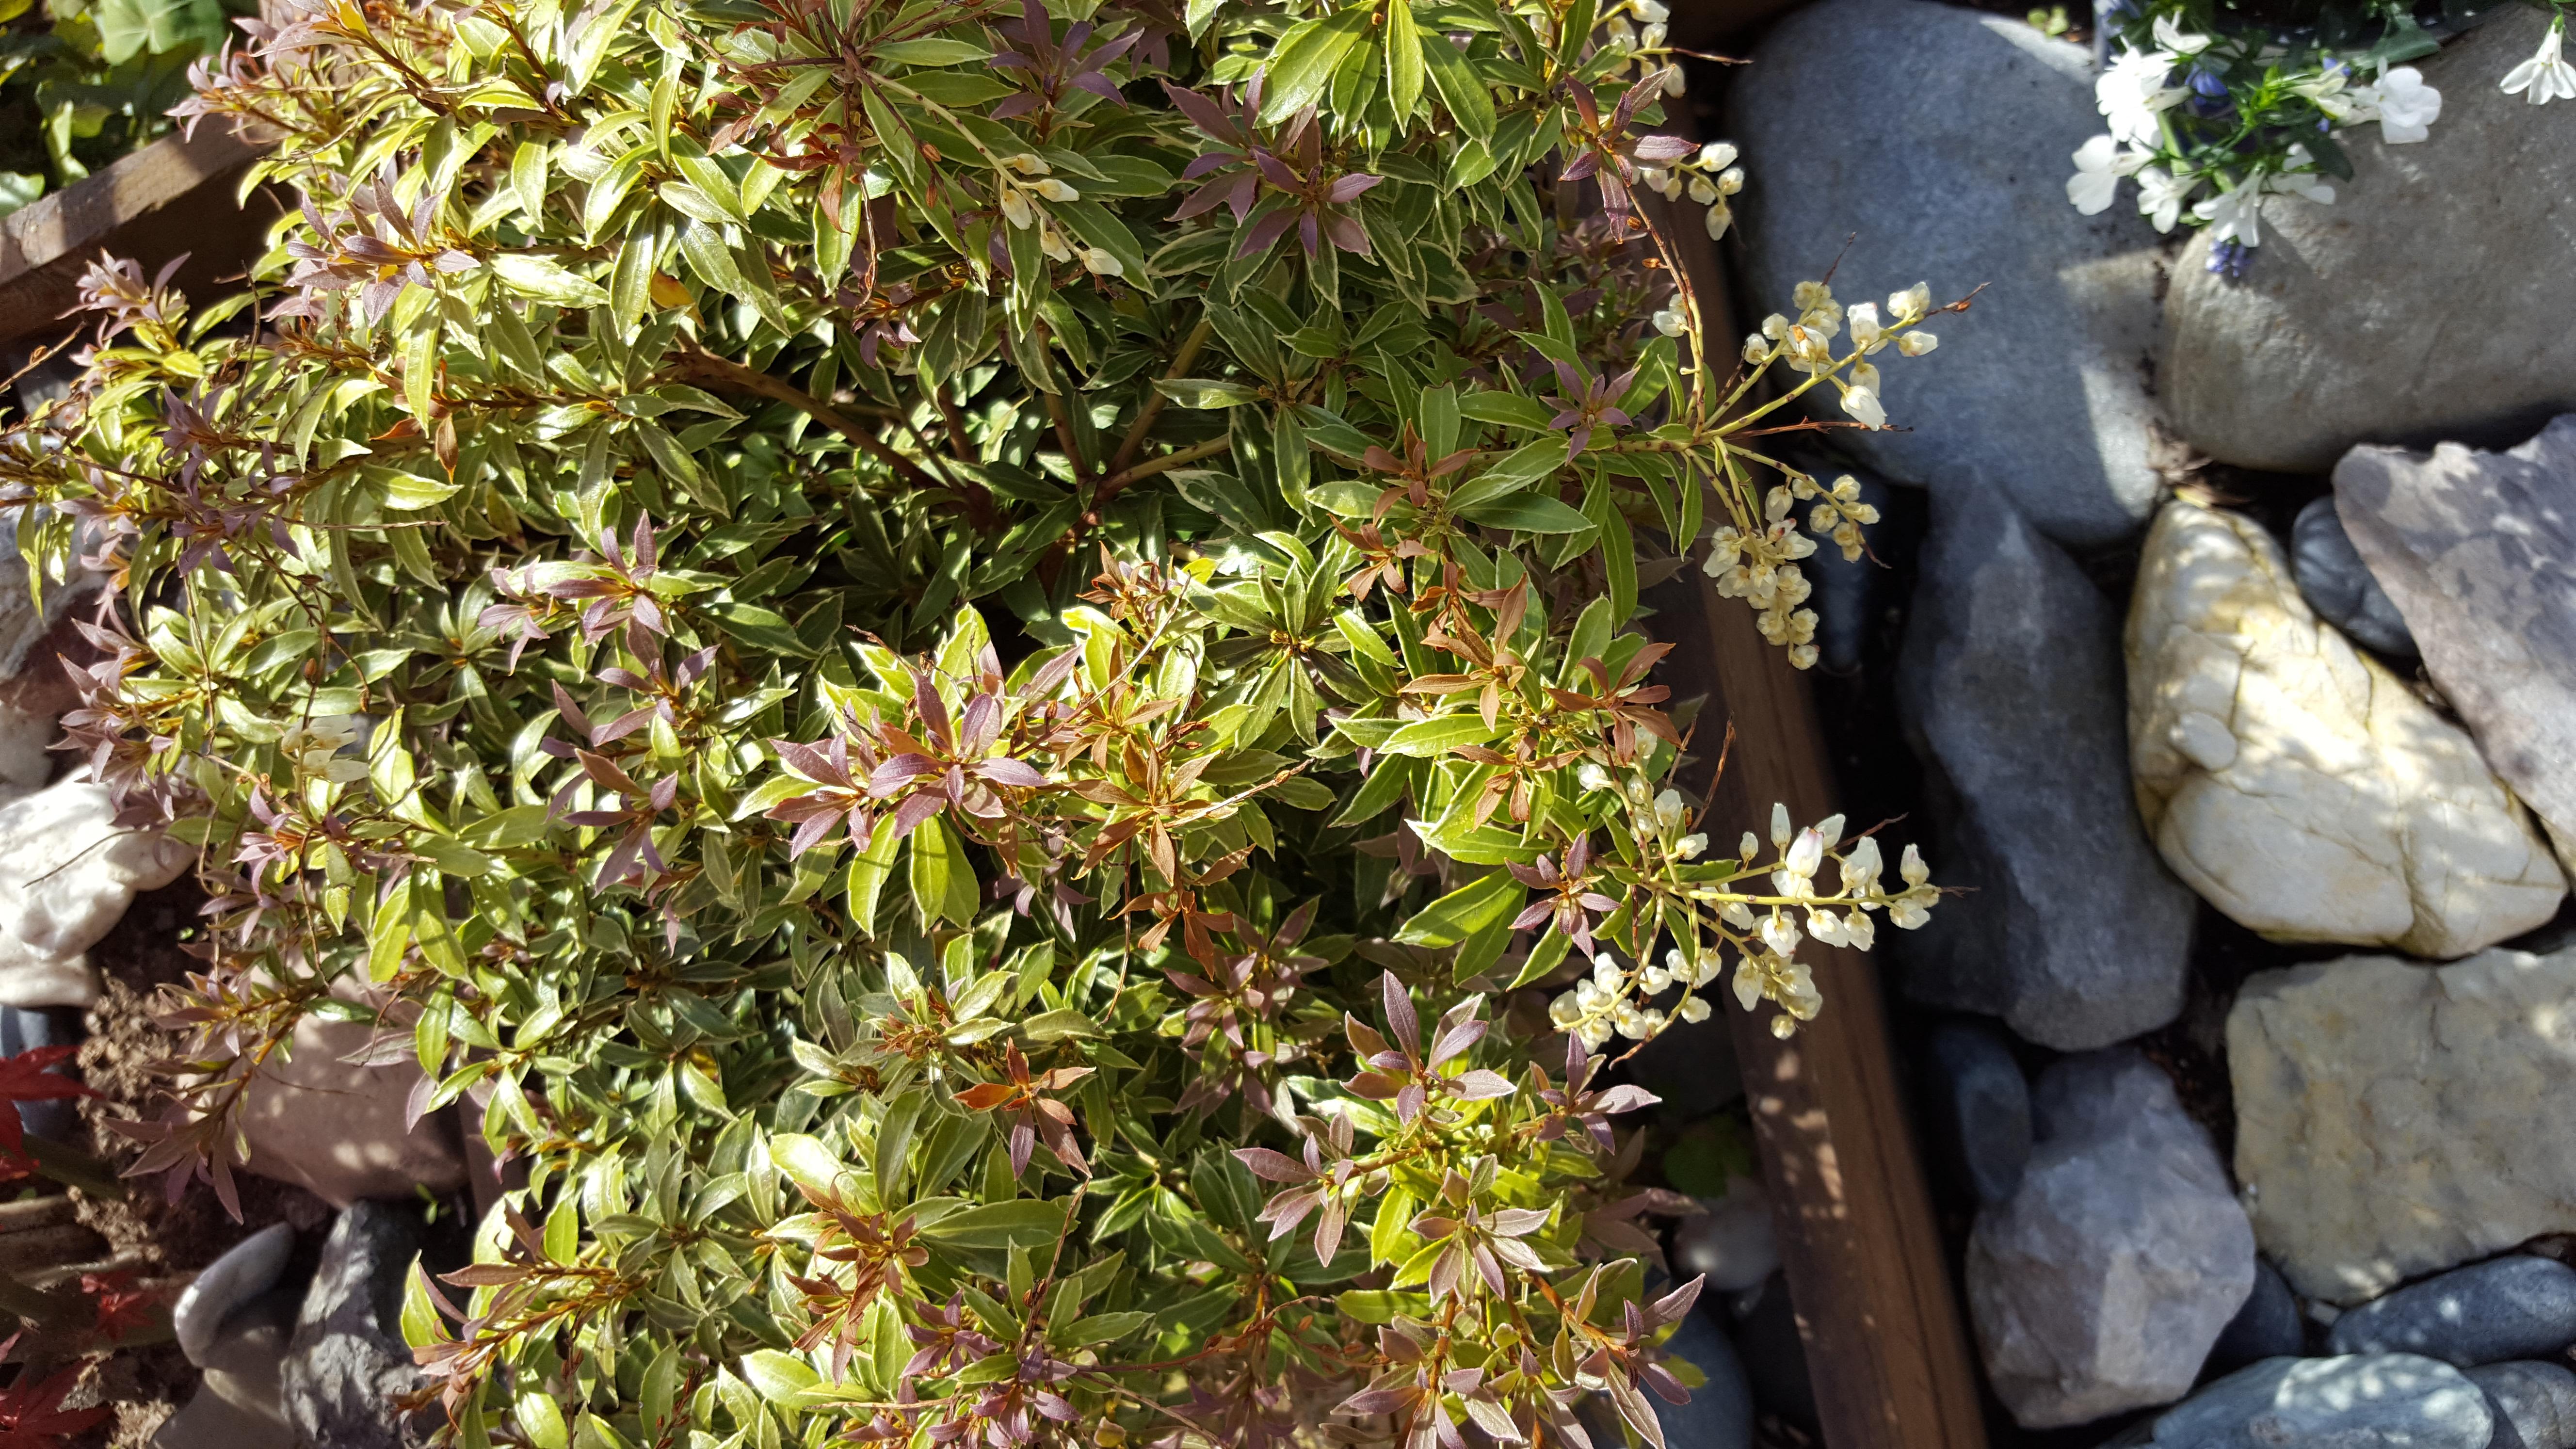 wie heisst diese pflanze lavendelheide pflanzenbestimmung pflanzensuche green24 hilfe. Black Bedroom Furniture Sets. Home Design Ideas